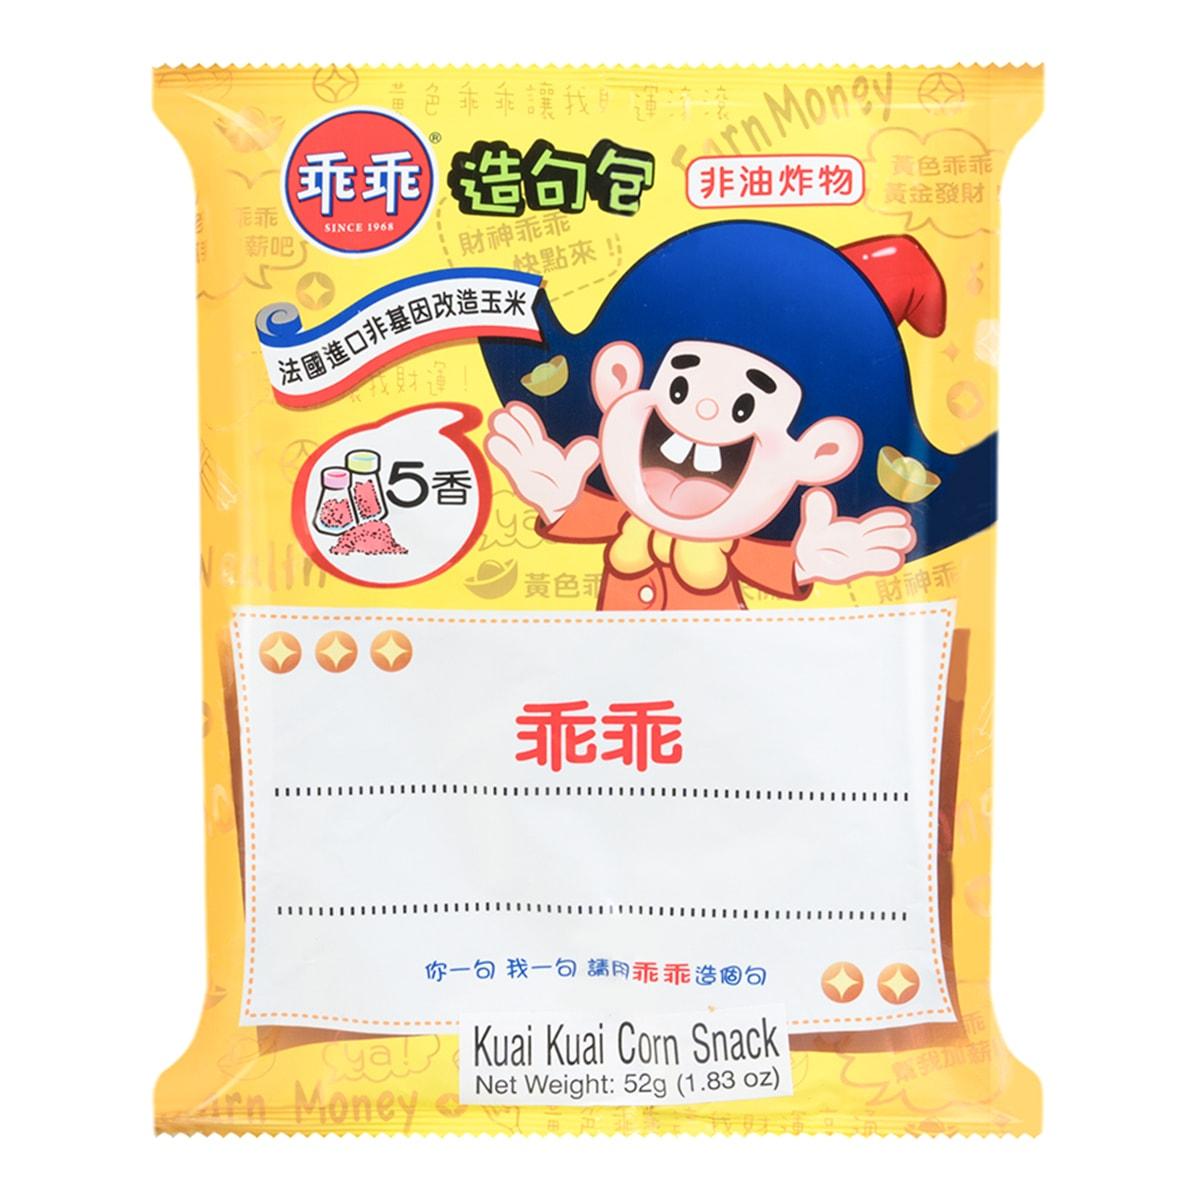 台湾乖乖 造句包 非油炸玉米果 五香味 52g 童年回忆